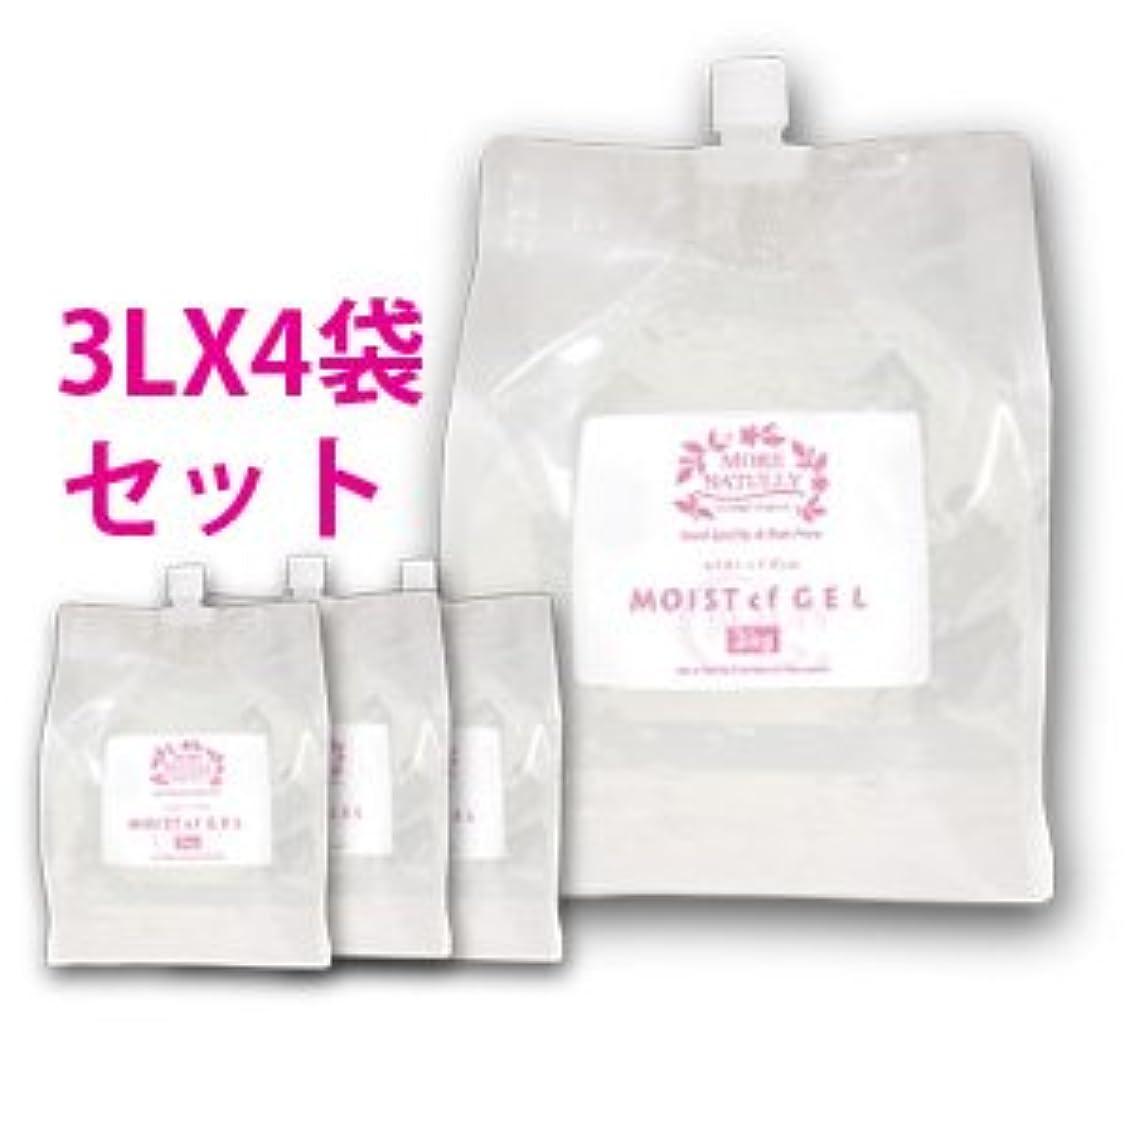 代わって司書進捗モアナチュリー モイストcfジェル 4袋セット 3kg×4袋